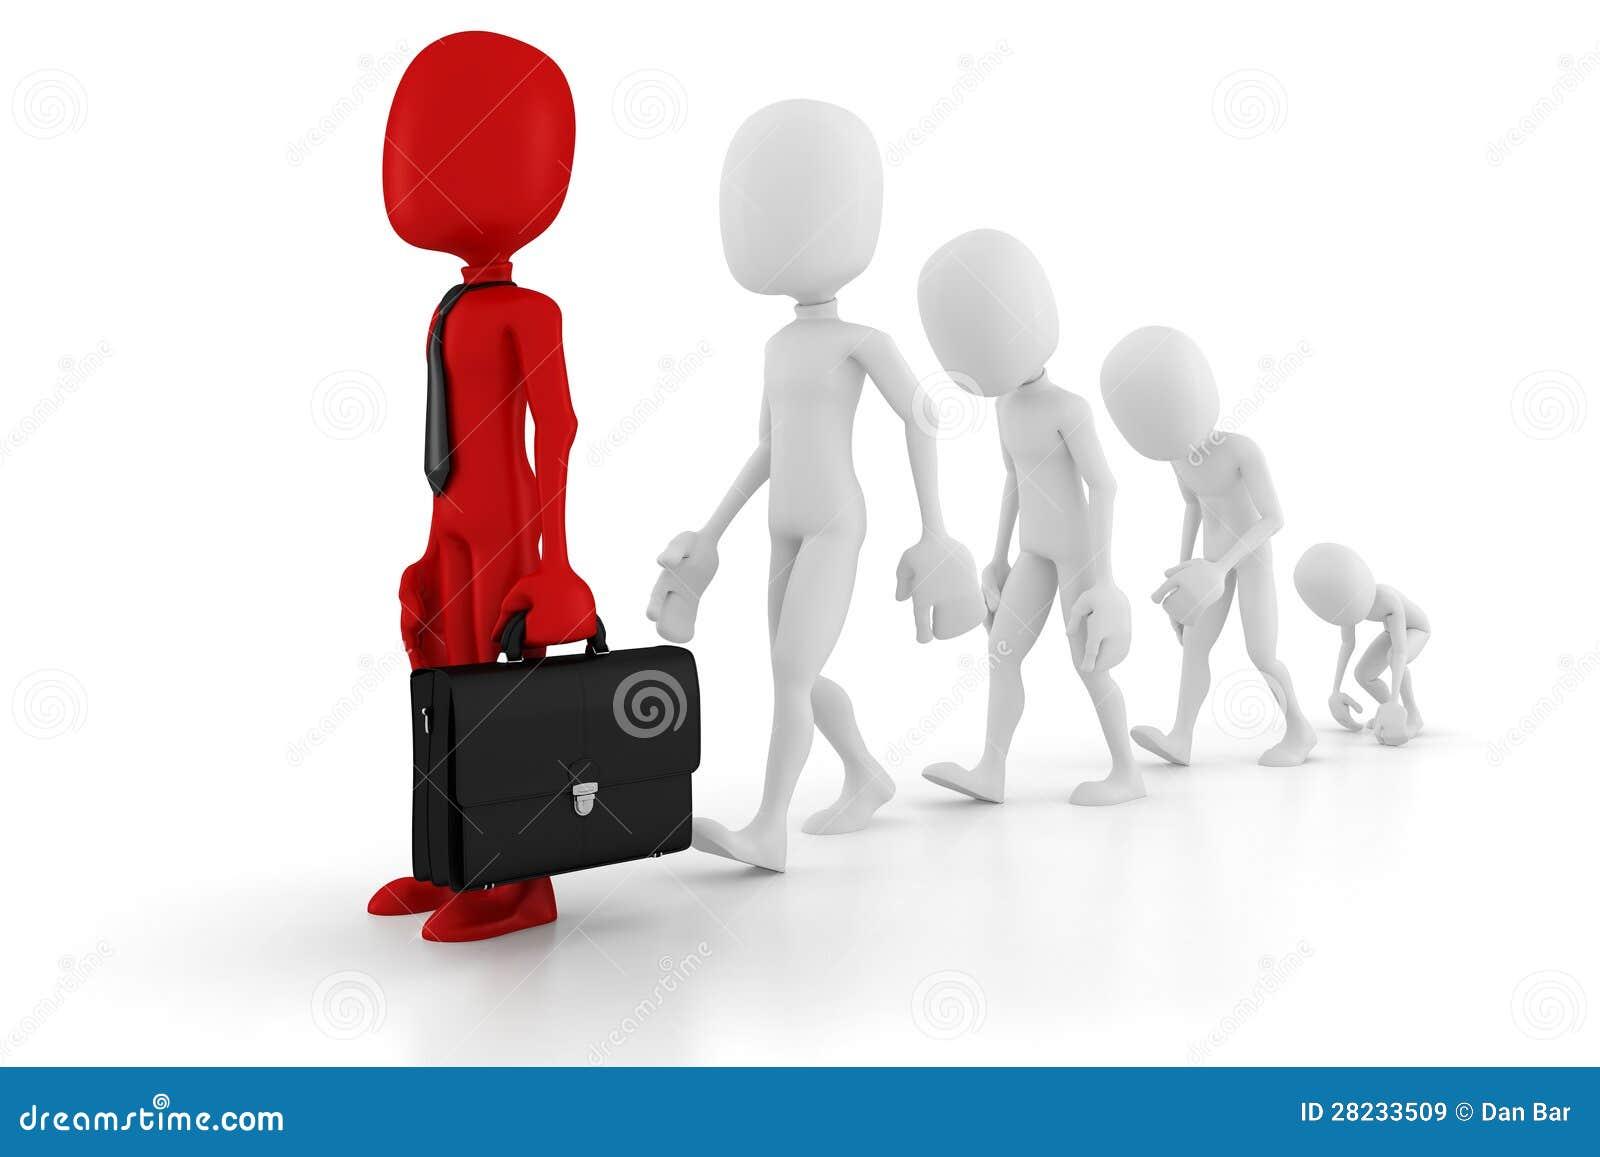 3d-man-evolution-business-28233509.jpg